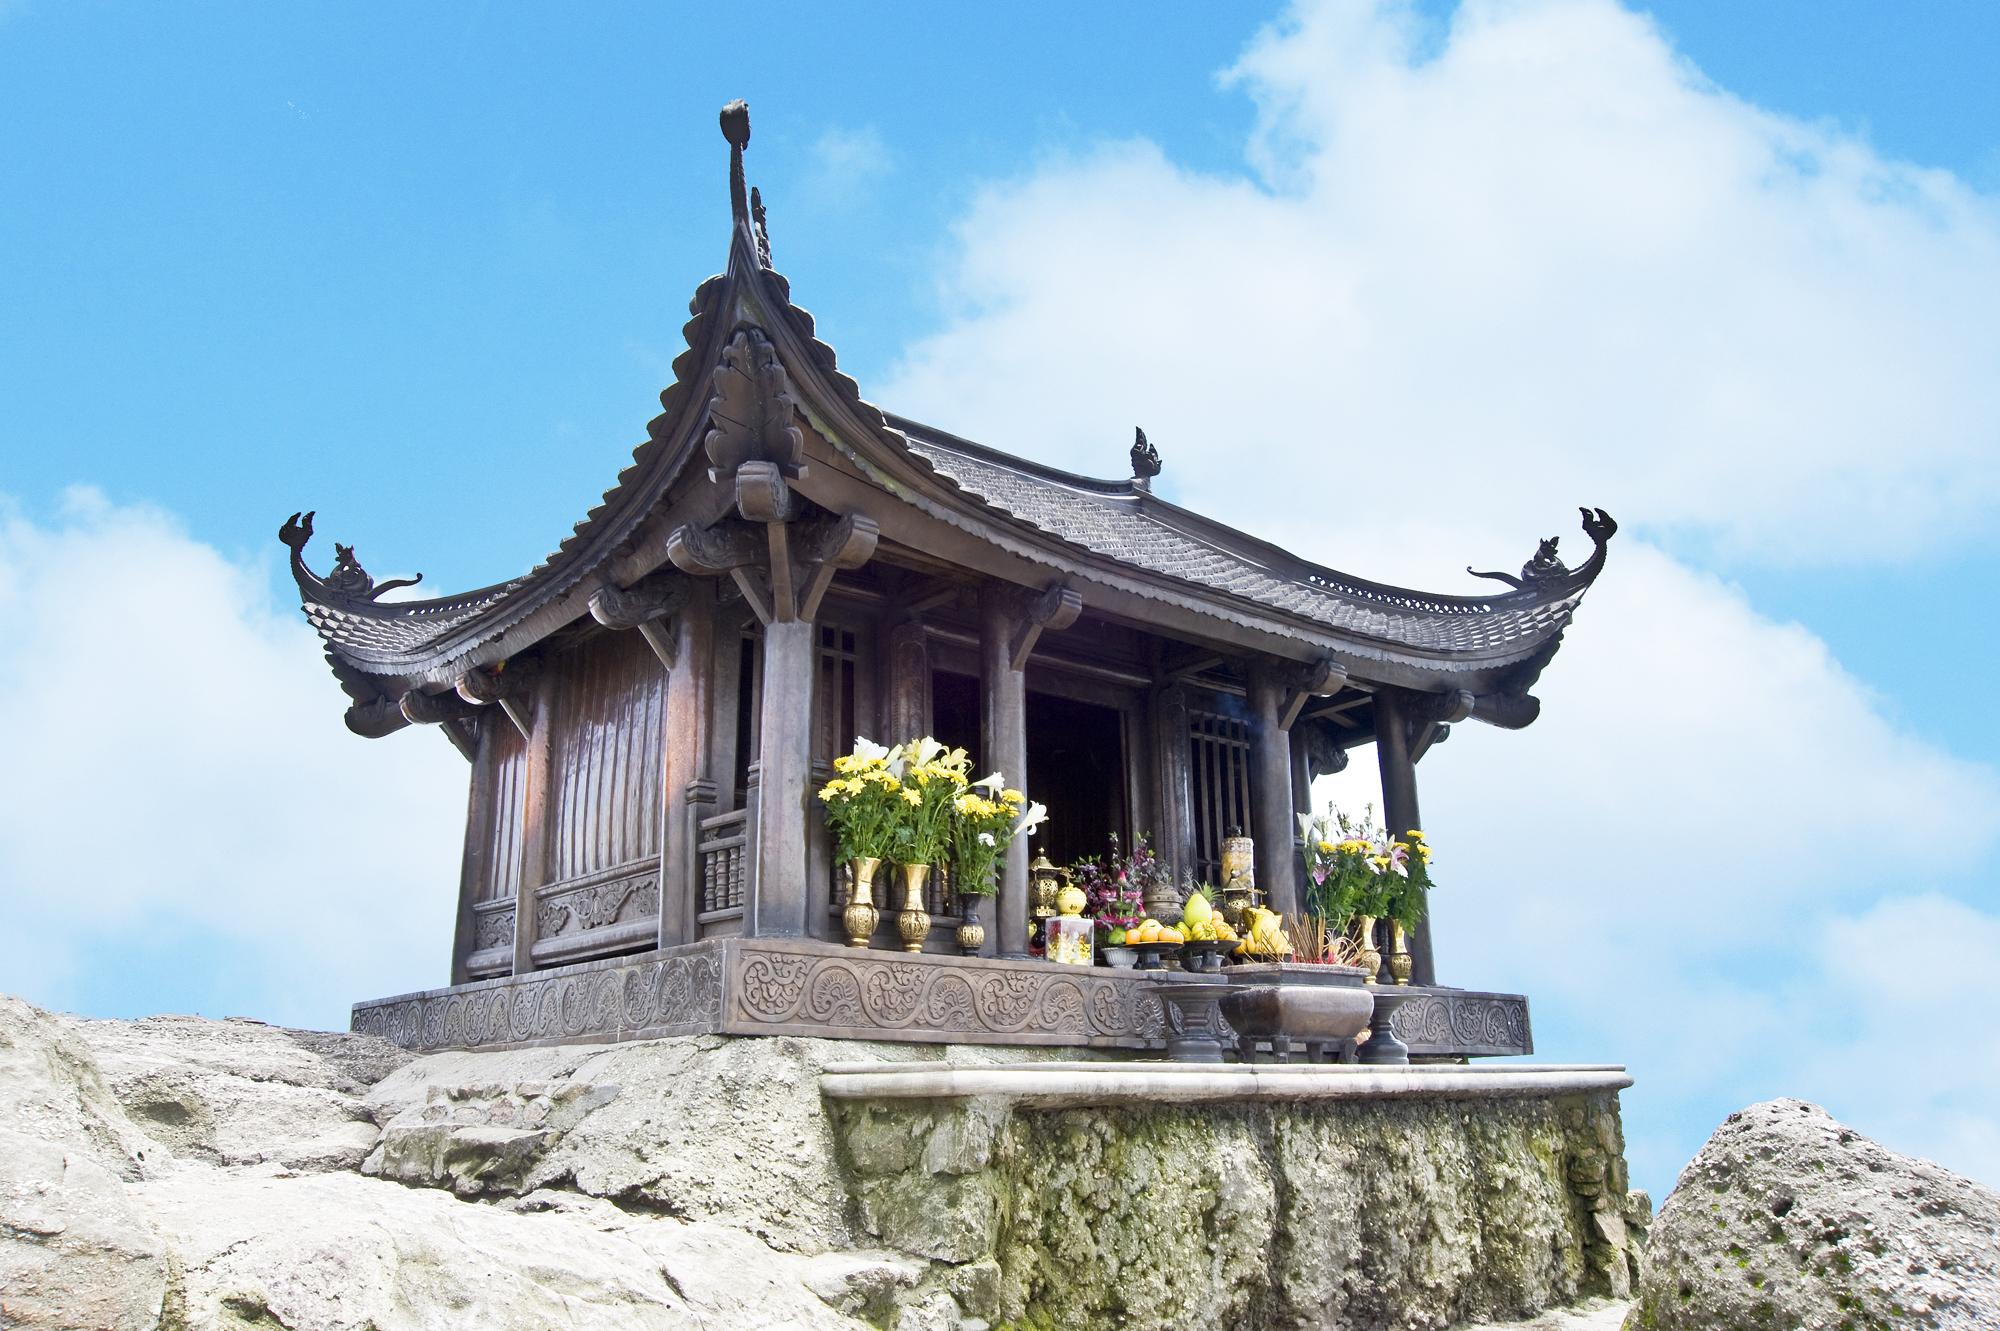 Chùa Đồng Yên Tử - Ngôi chùa bằng đồng lớn nhất châu Á